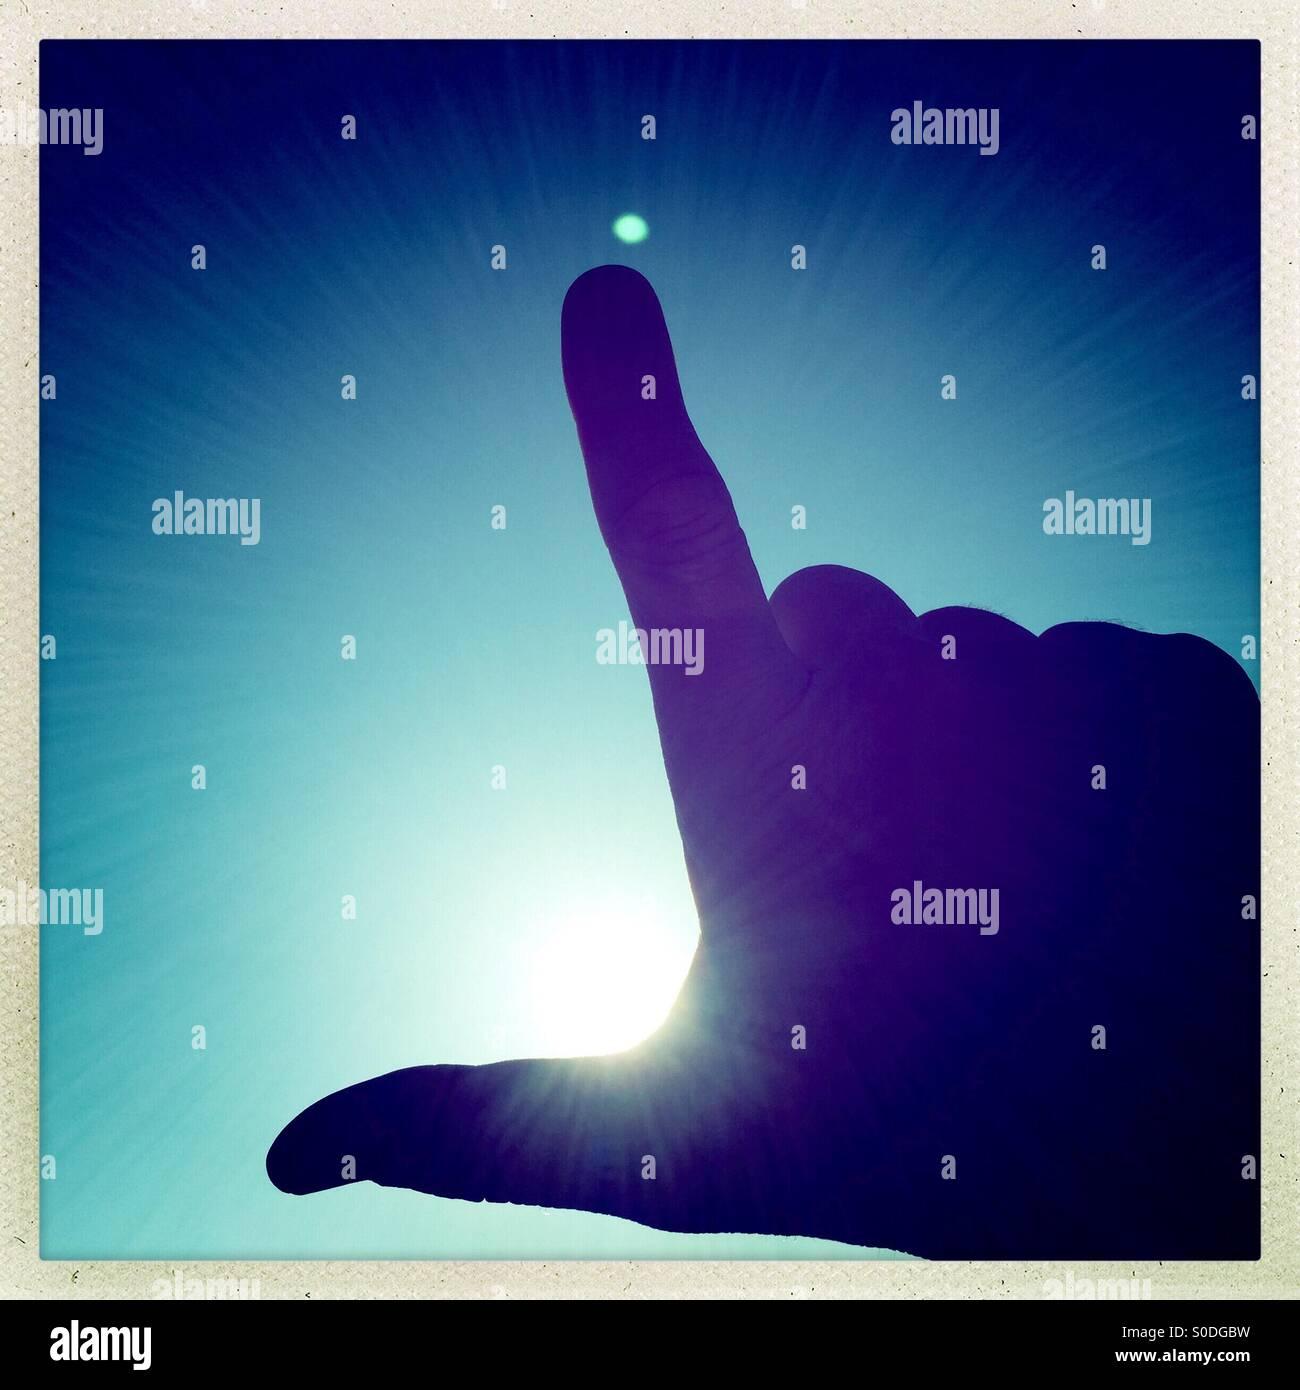 Silhouette von Daumen und Zeigefinger in Richtung Sonne Stockbild